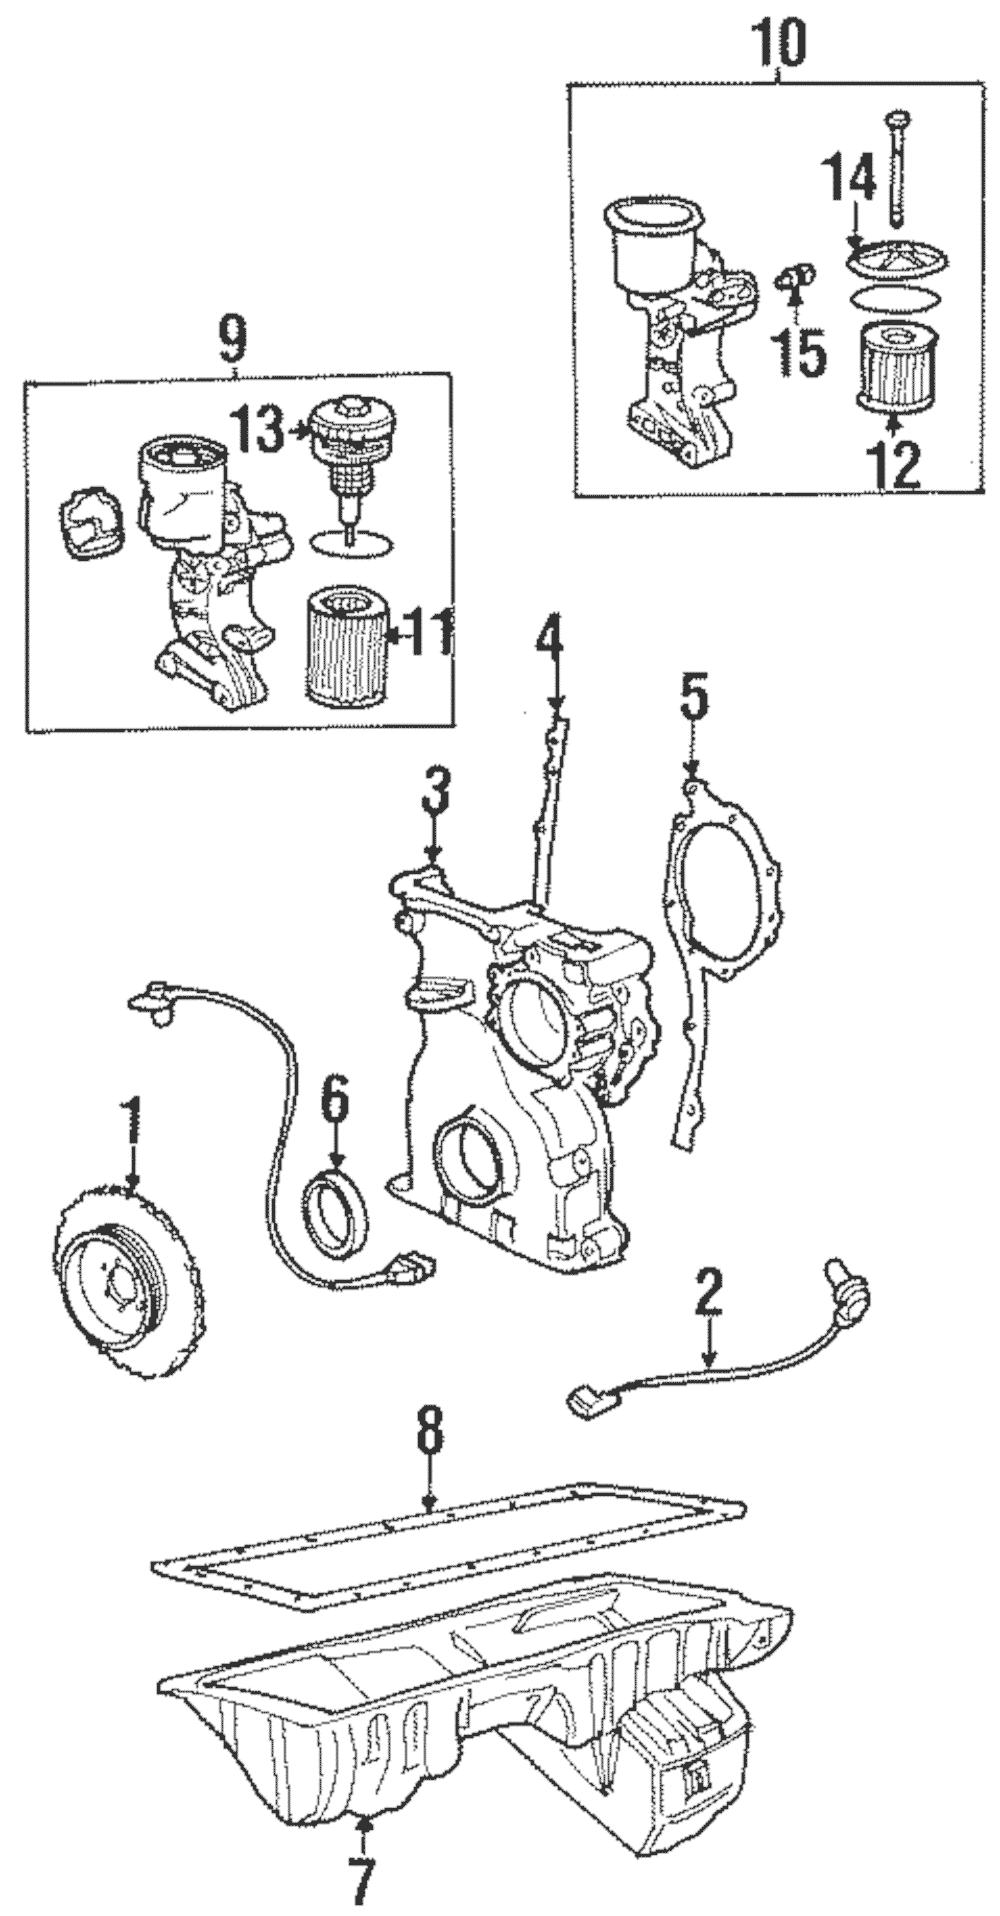 Genuine BMW Engine Camshaft Position Sensor 12-14-1-703